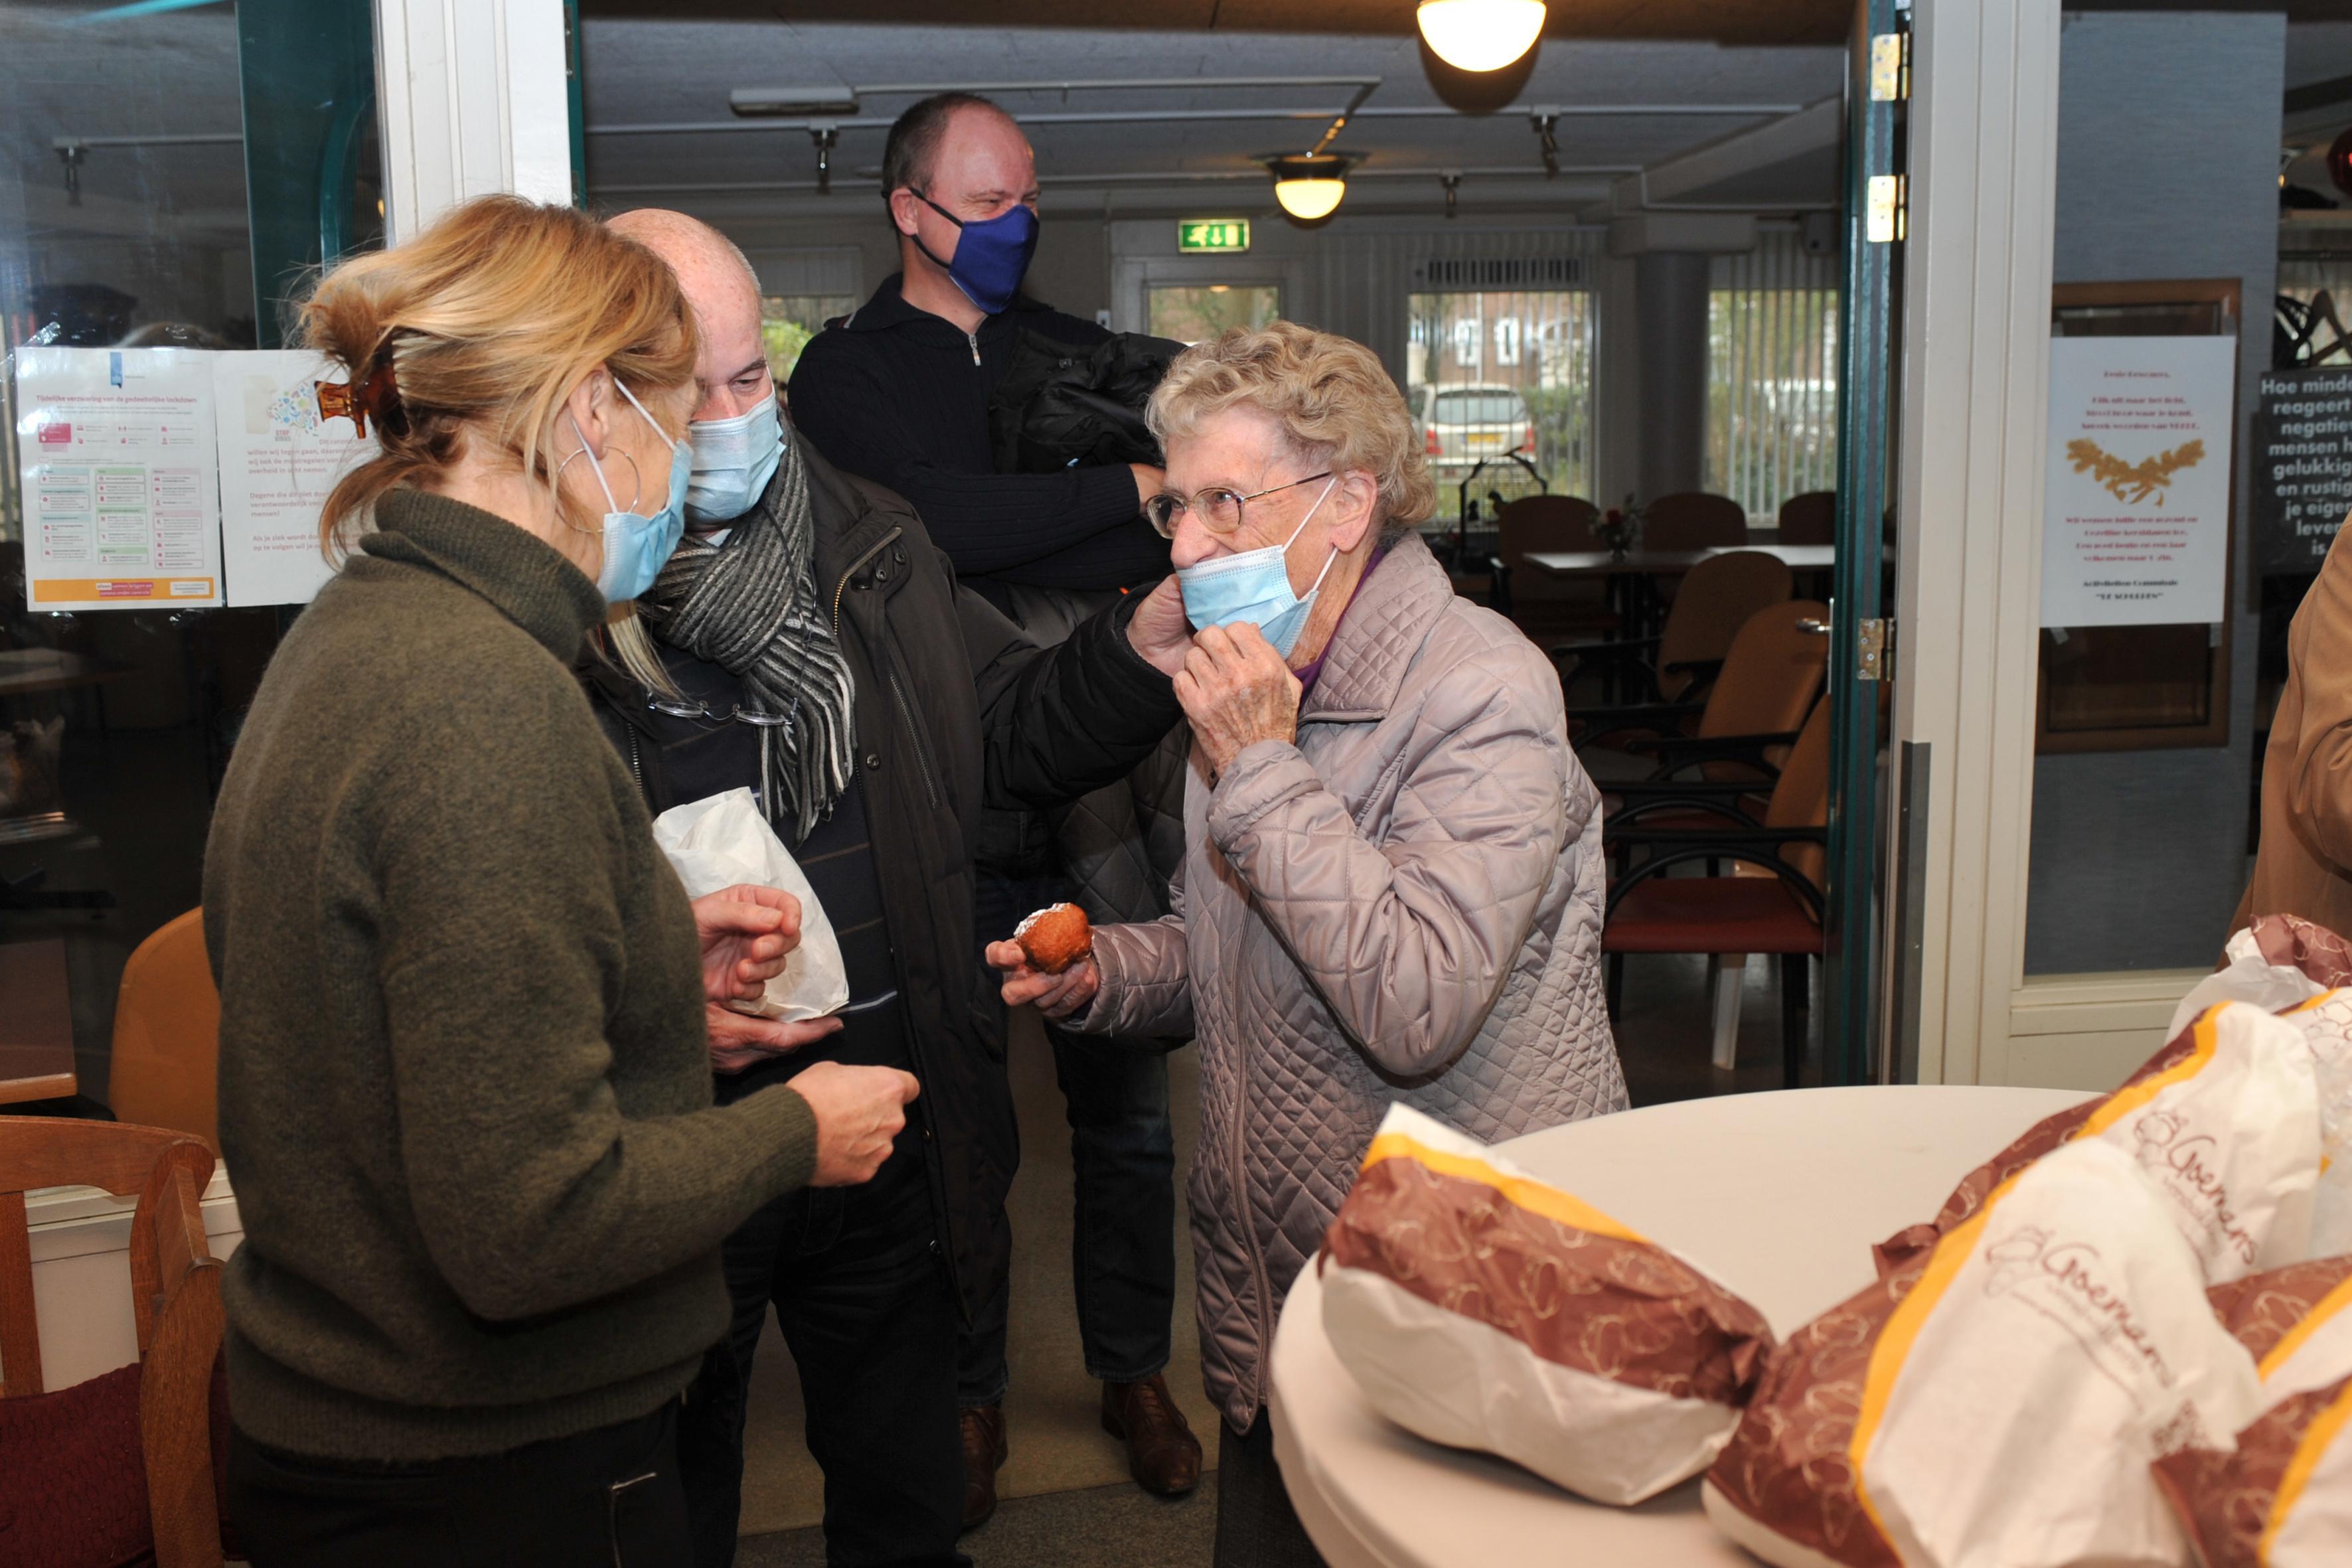 Warme oliebollenactie in 'warzone' Velsen-Noord goed ontvangen bij bewoners De Schulpen. 'Dit is bepaald geen straf'